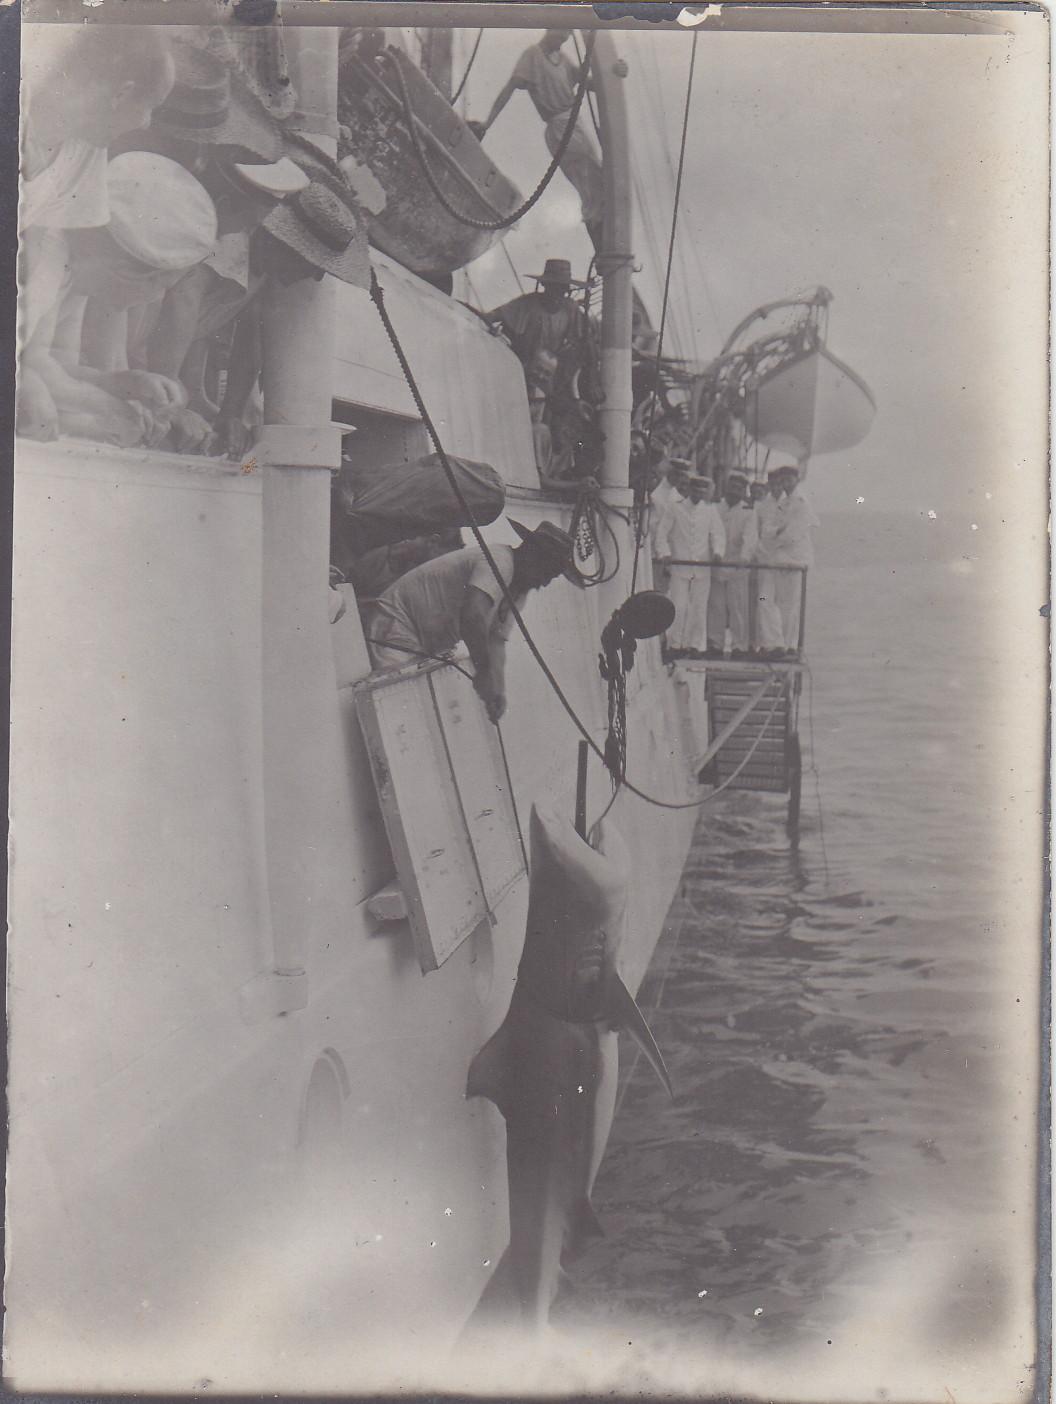 Gefangener Haifisch im Hafen von Majunga - Madagaskar, Aufenthalt vom 10.01.1912 - 15.01.1912